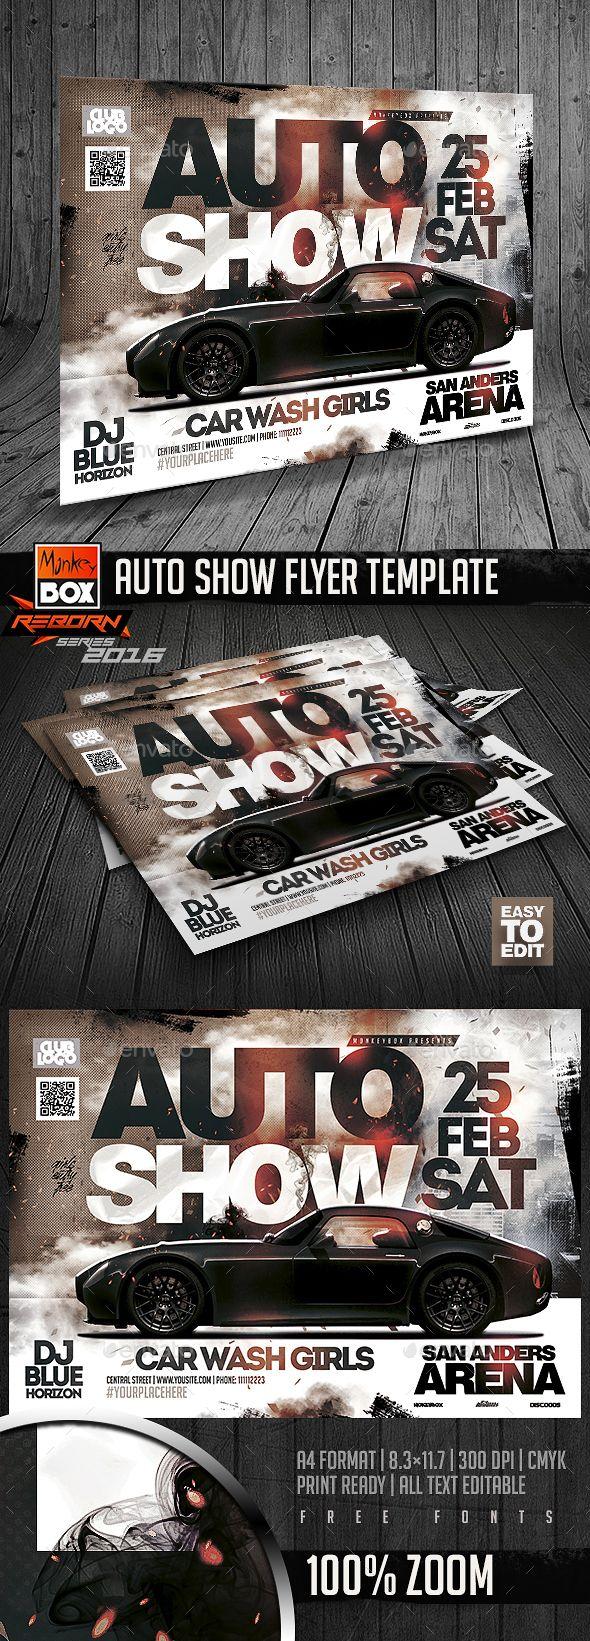 Auto Show Flyer Template | Diseño digital, Volantes y Hola